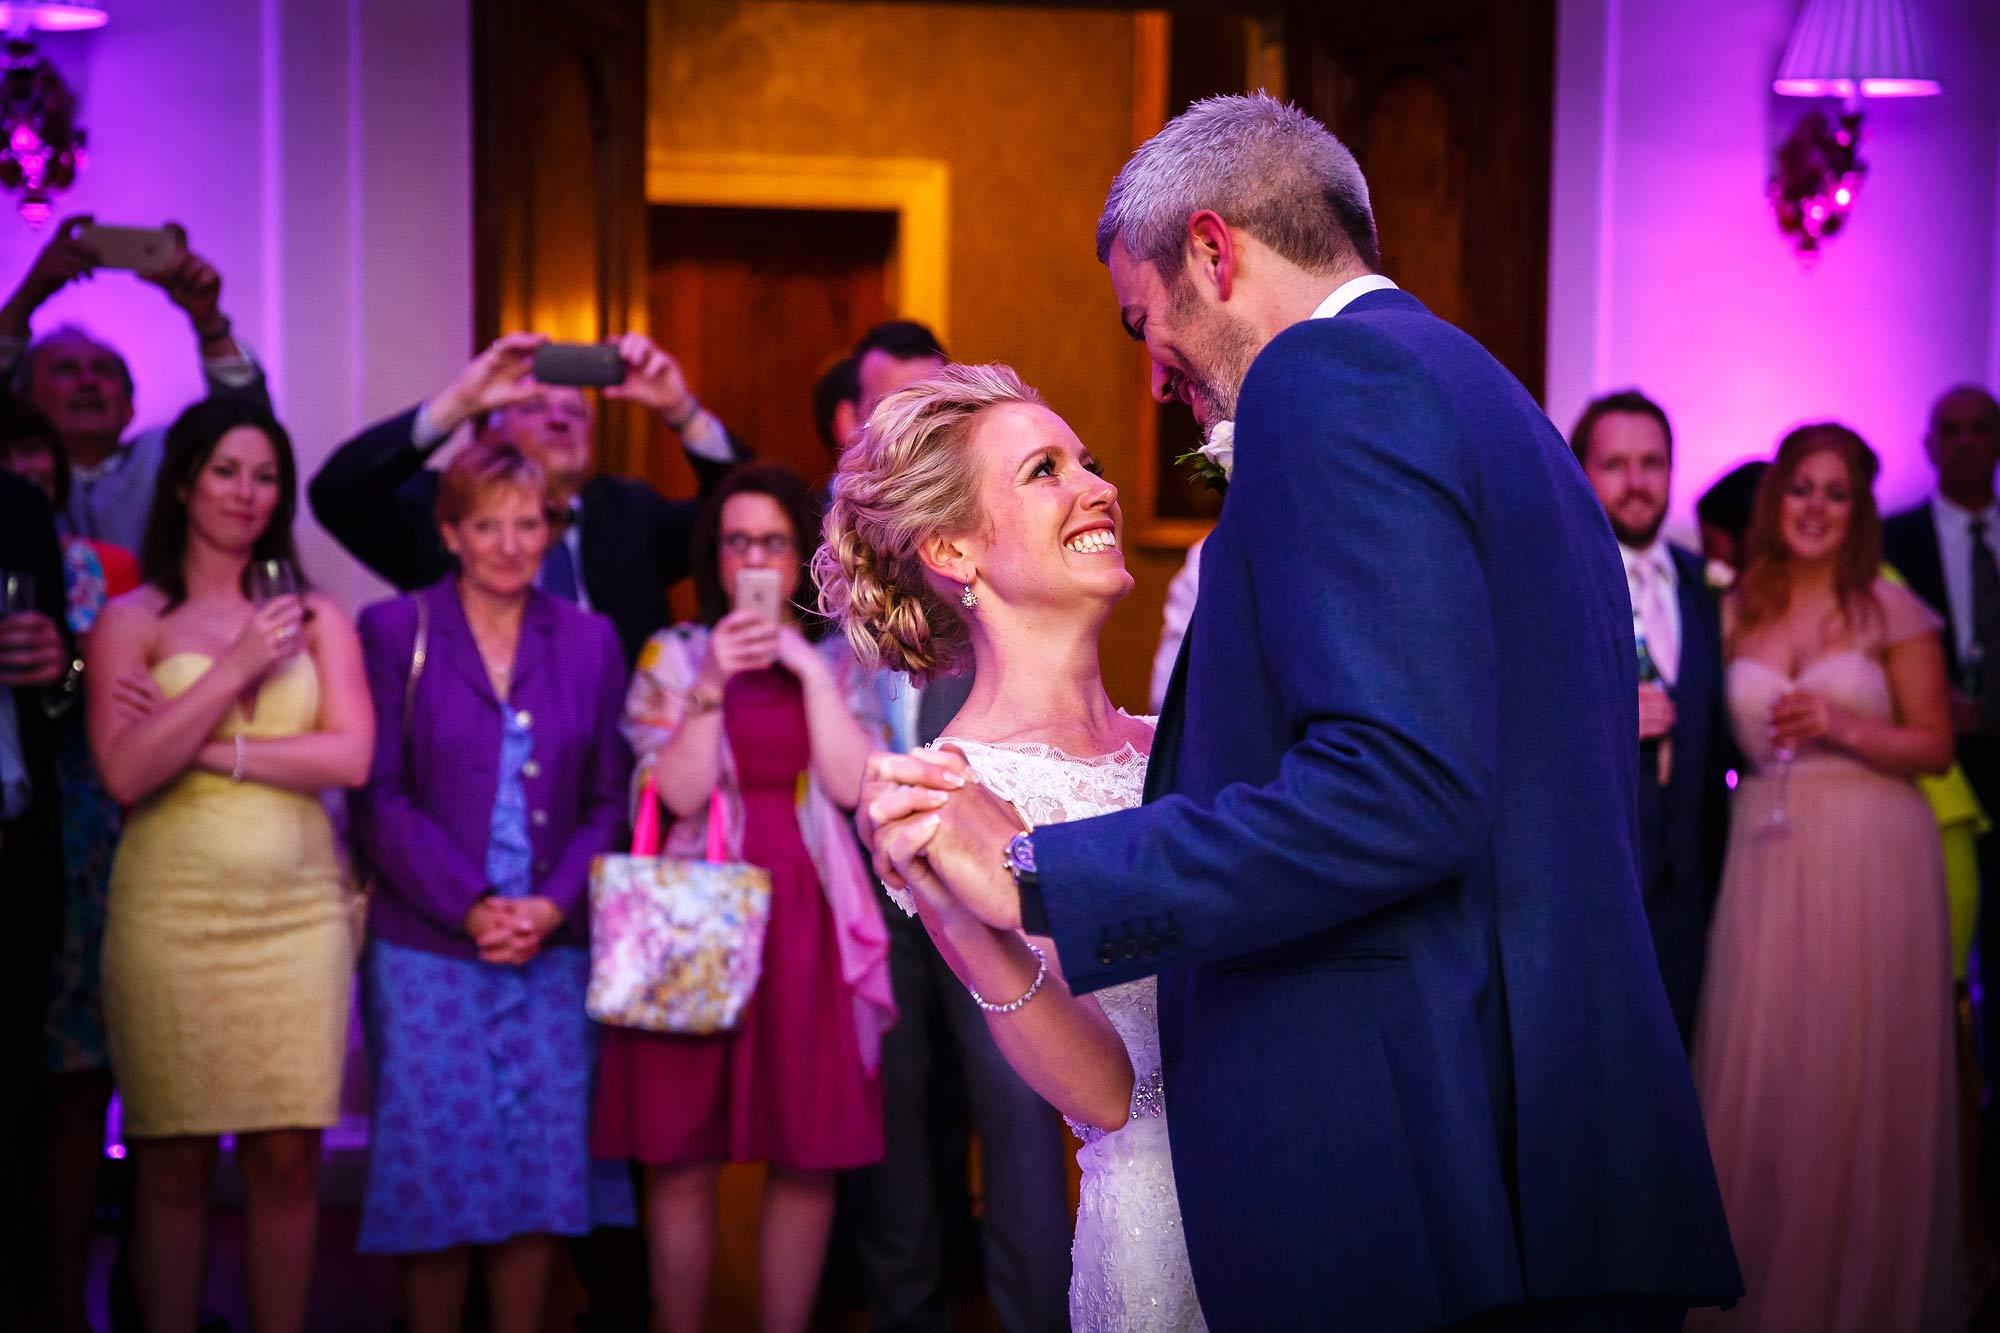 forst dance at Hedsor House Wedding